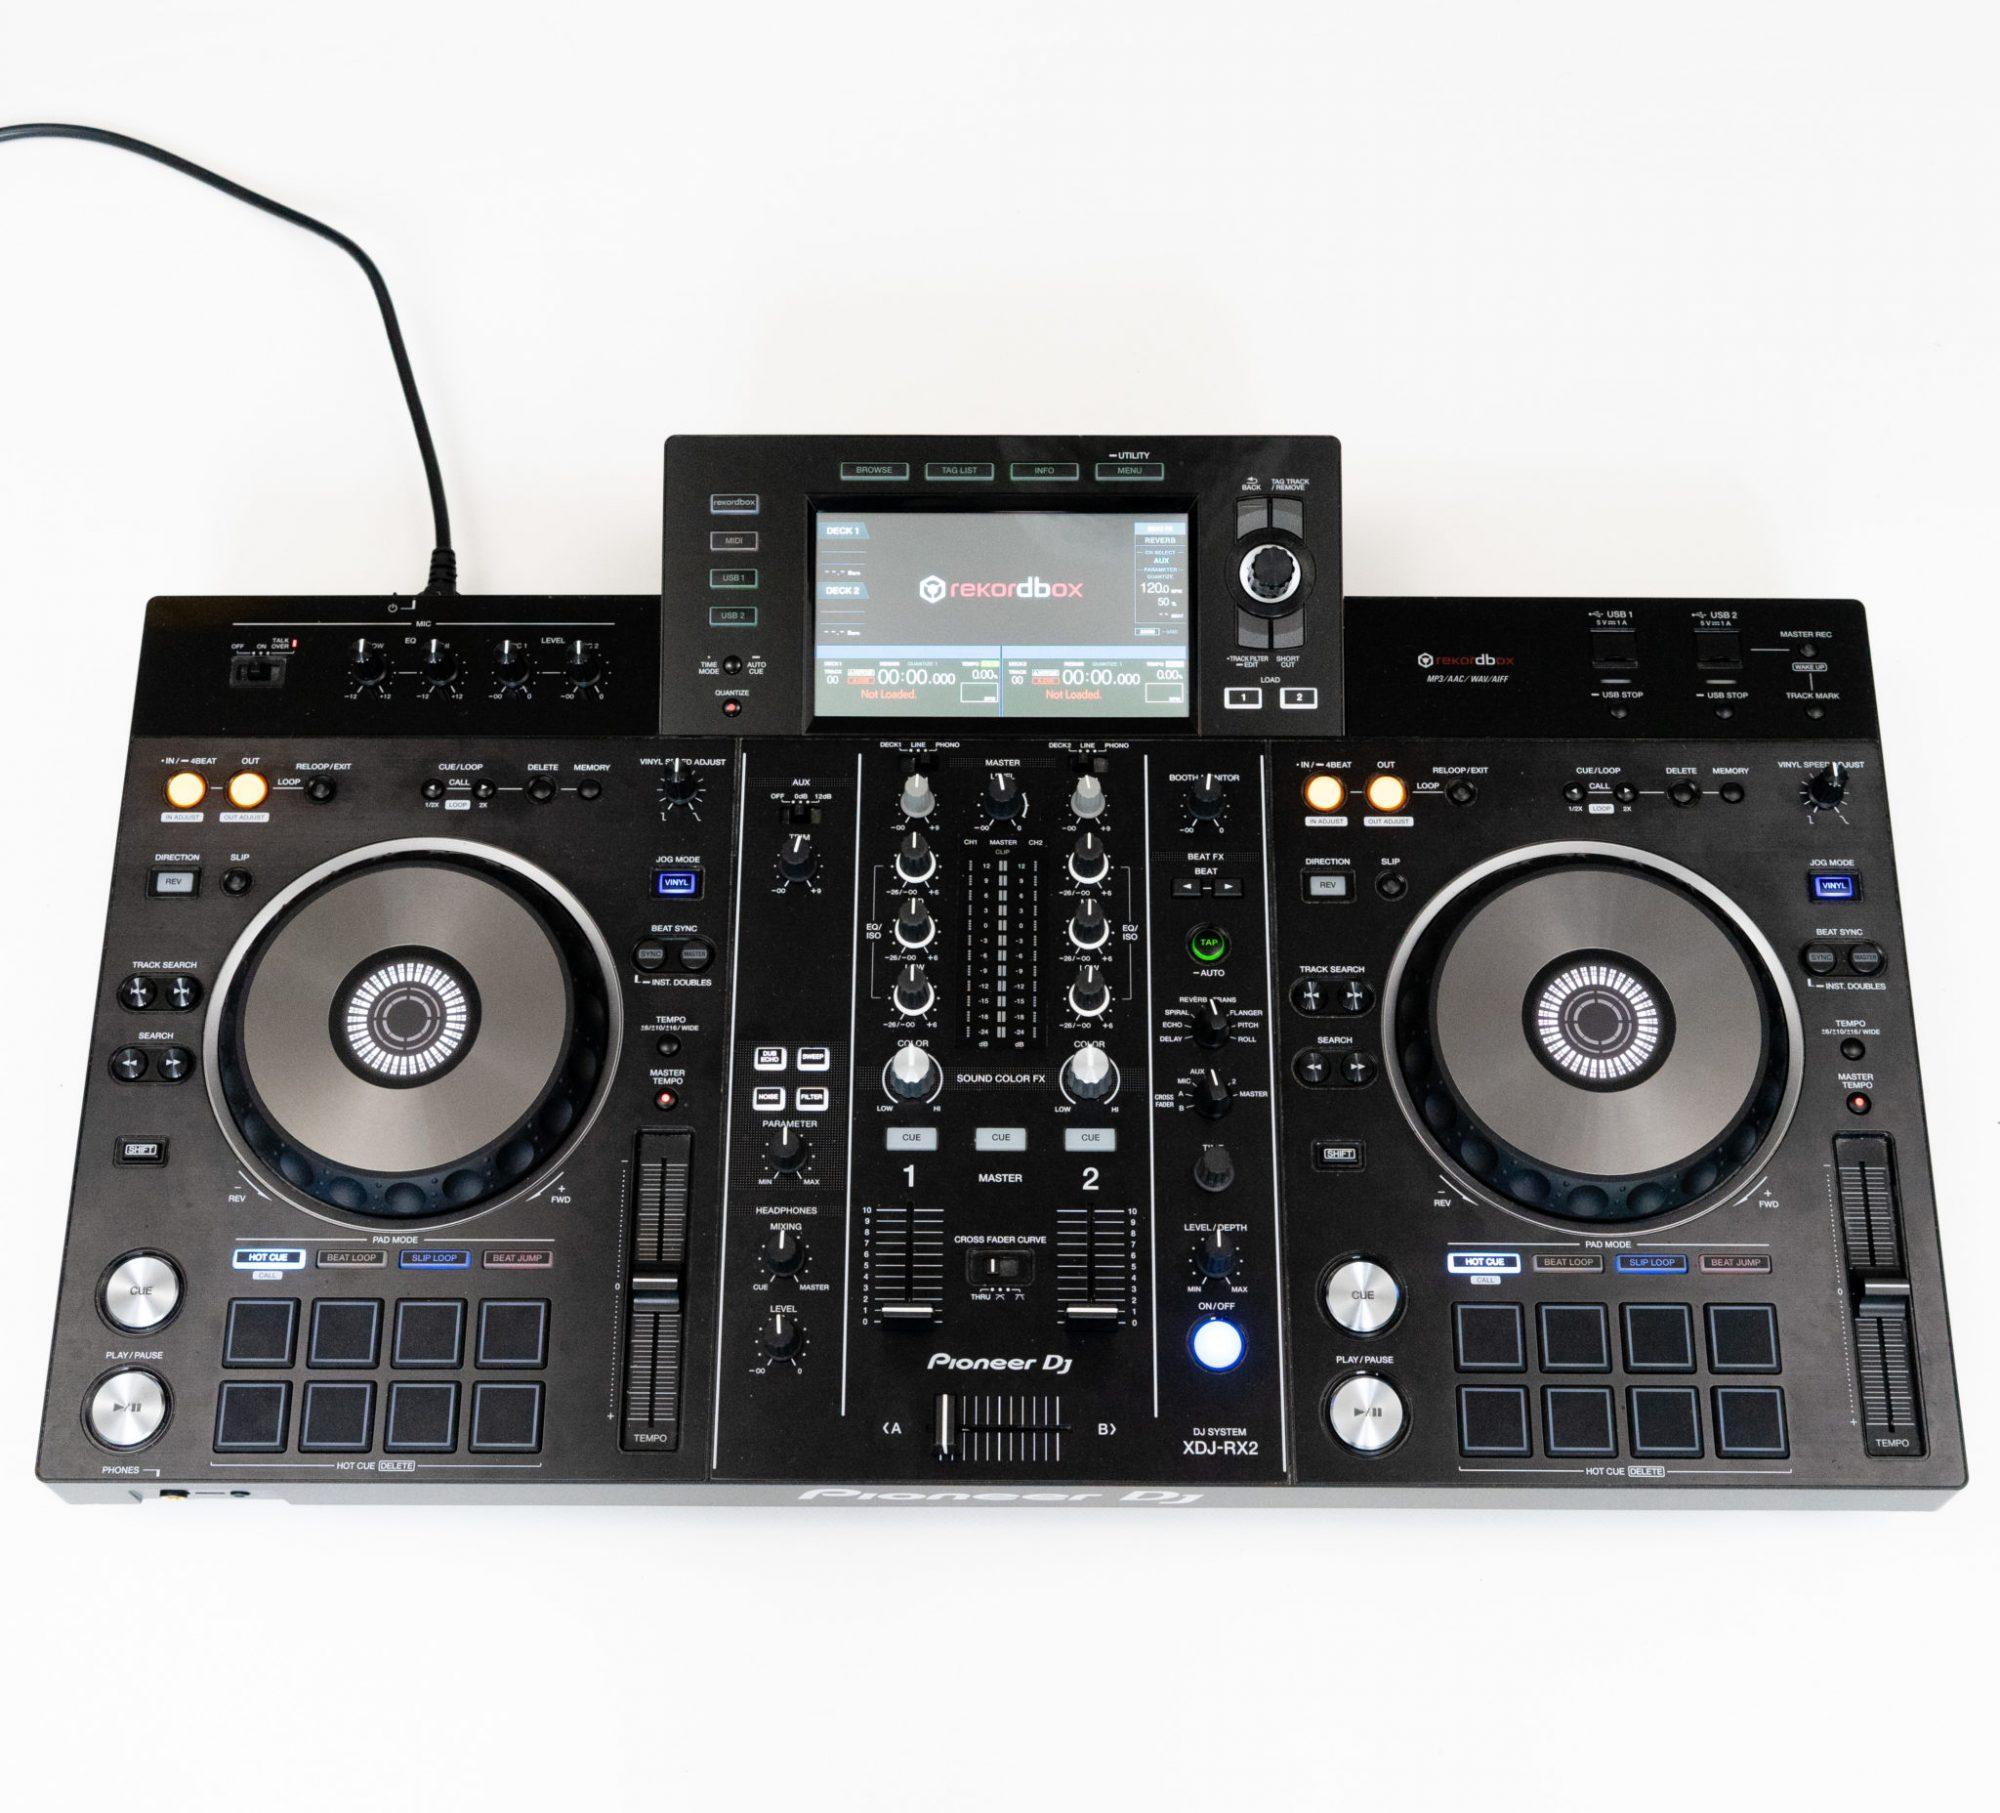 gebraucht kaufen Pioneer XDJ RX2